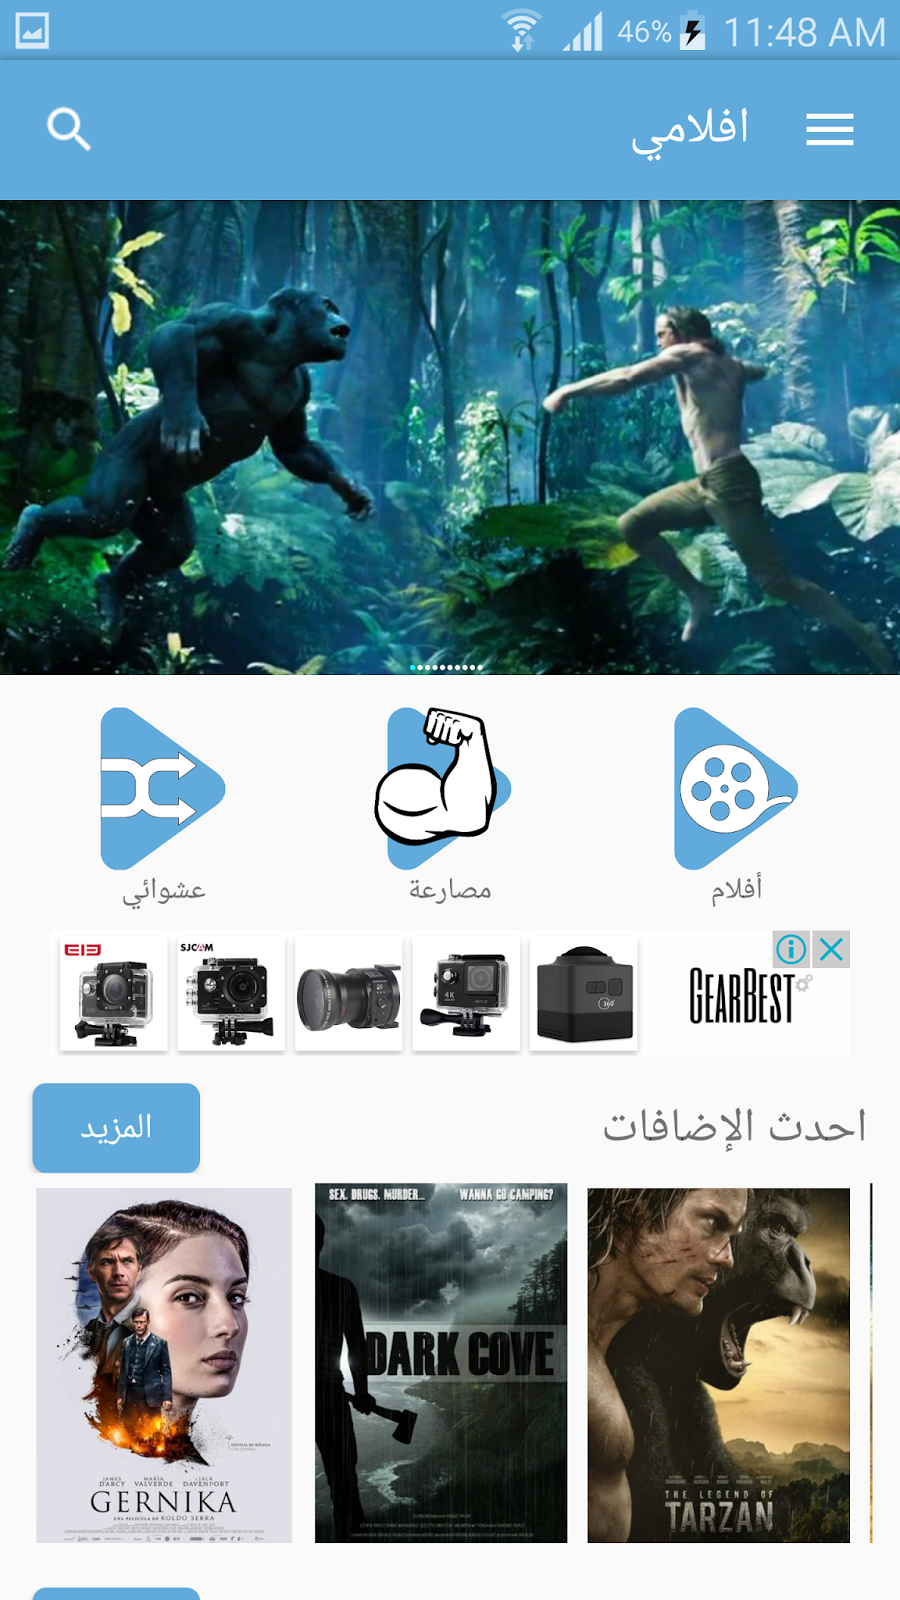 0cd12e461 ... هو ان تقوم باختيار القسم الذي تريد ان تشاهد الافلام منه افلام اجنبية,  افلام عربية, افلام كرتون, مصارعة, افلام هندية على سبيل المثال افلام كرتون  مترجمة